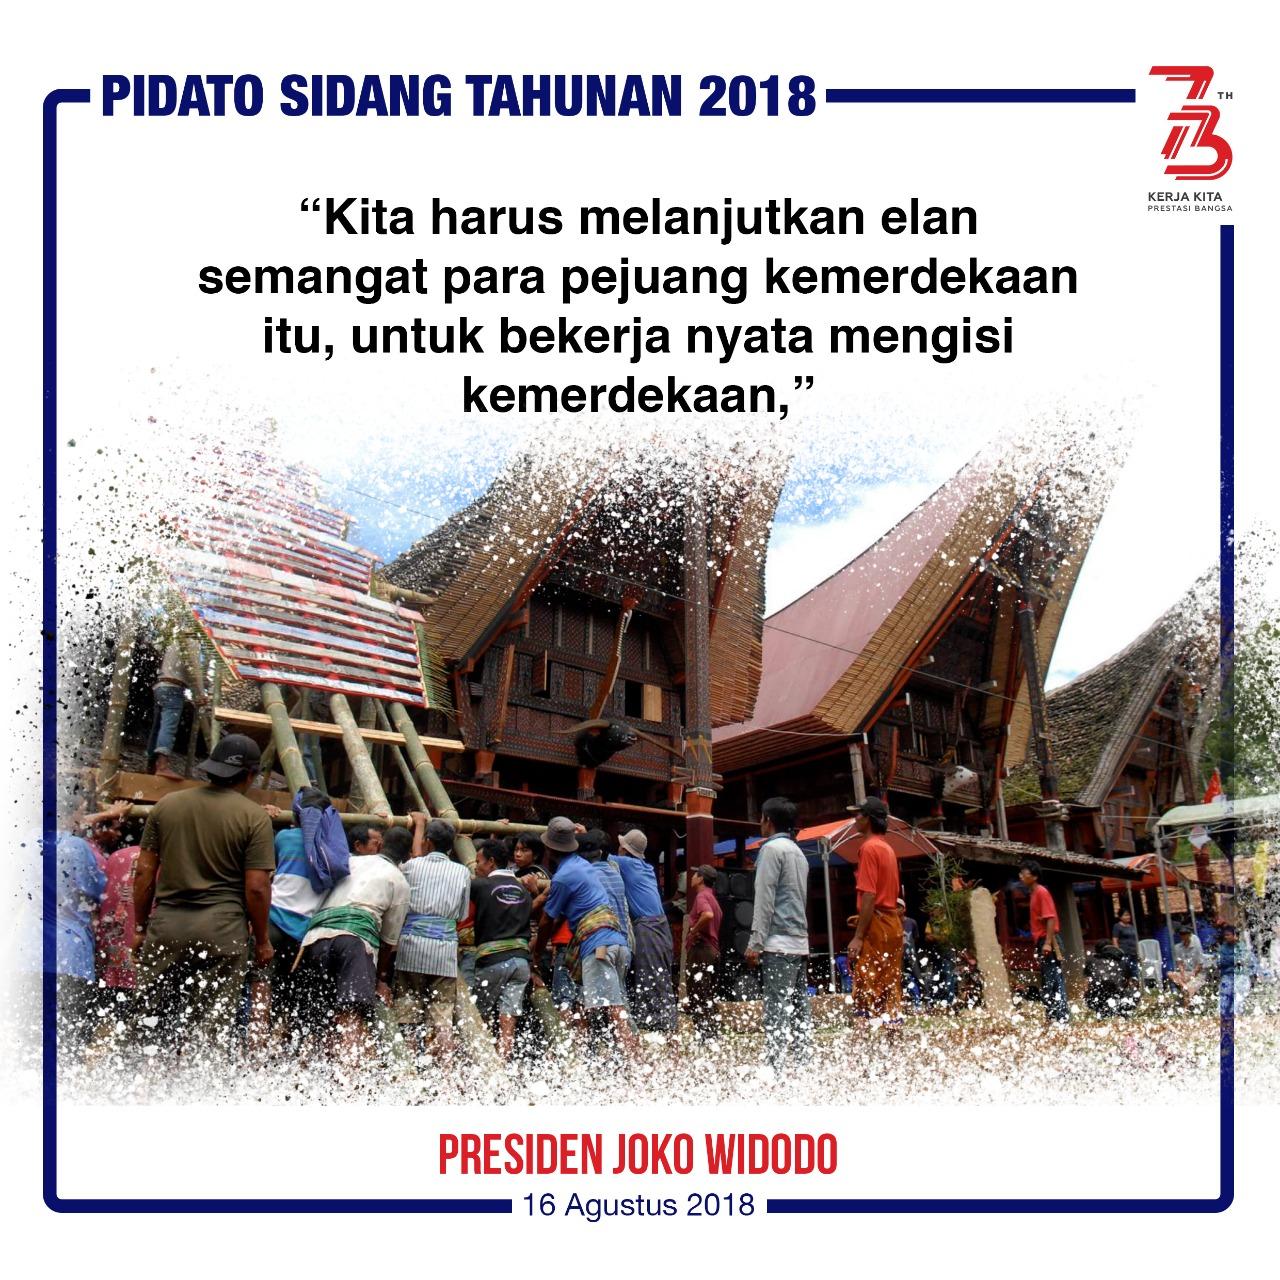 Pidato Sidang Tahunan 2018 -